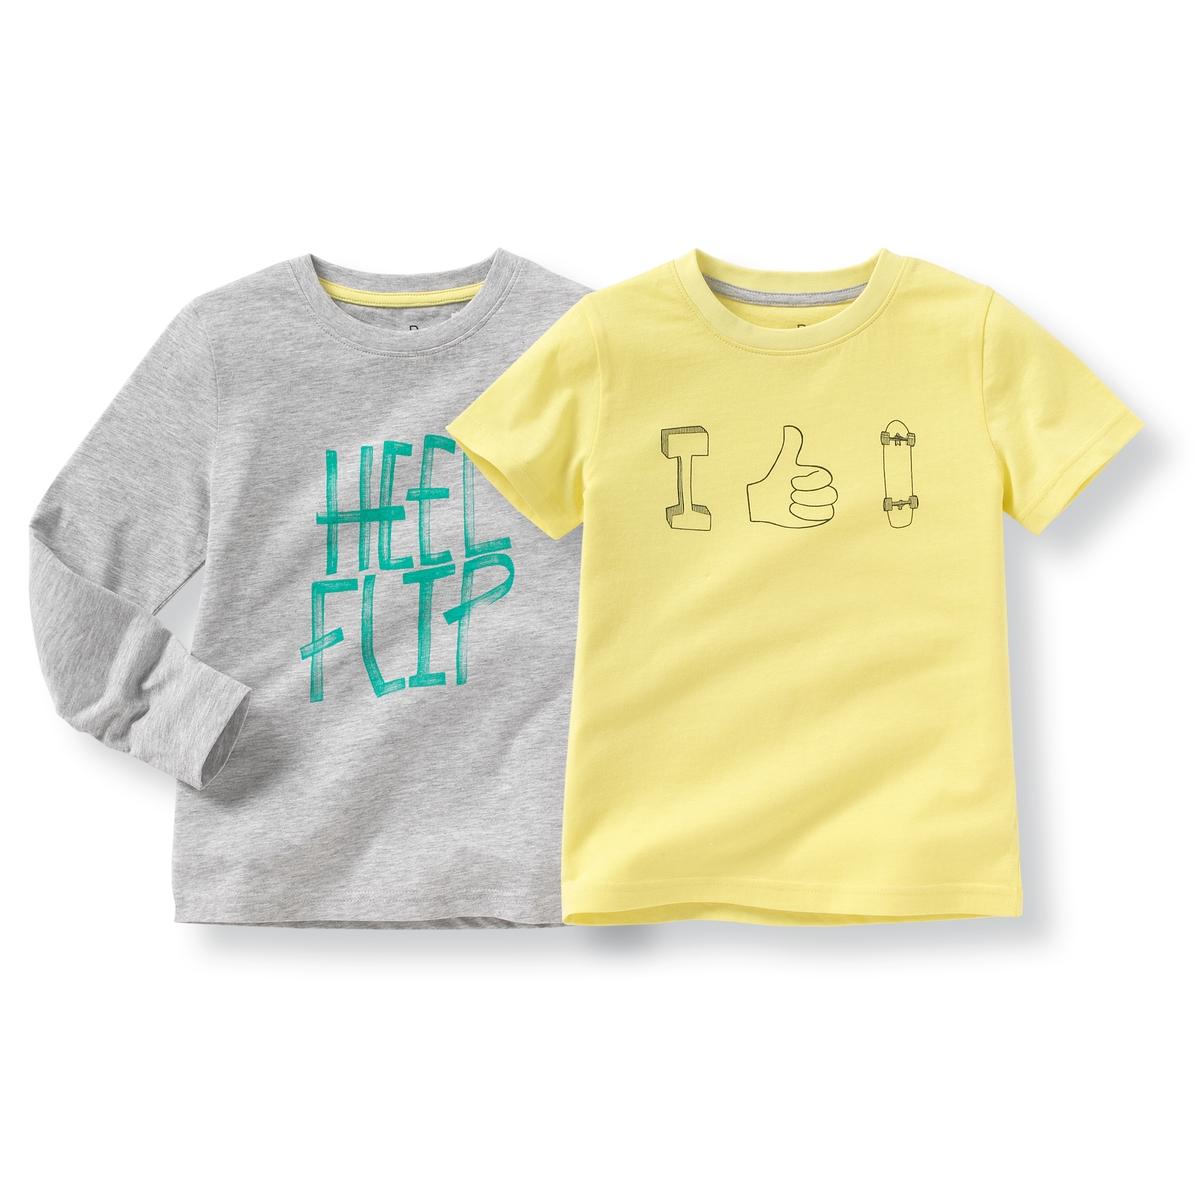 Комплект из 2 футболок с рисунком, 3-12 летСостав и описаниеМатериал       100% хлопок (кроме цвета серый меланж : преимущественно из хлопка).Марка       R ?ditionУход:Стирать и гладить с изнаночной стороныМашинная стирка при 30 °C с вещами схожих цветовМашинная сушка запрещенаГладить на низкой температуре<br><br>Цвет: серый меланж + желтый<br>Размер: 3 года - 94 см